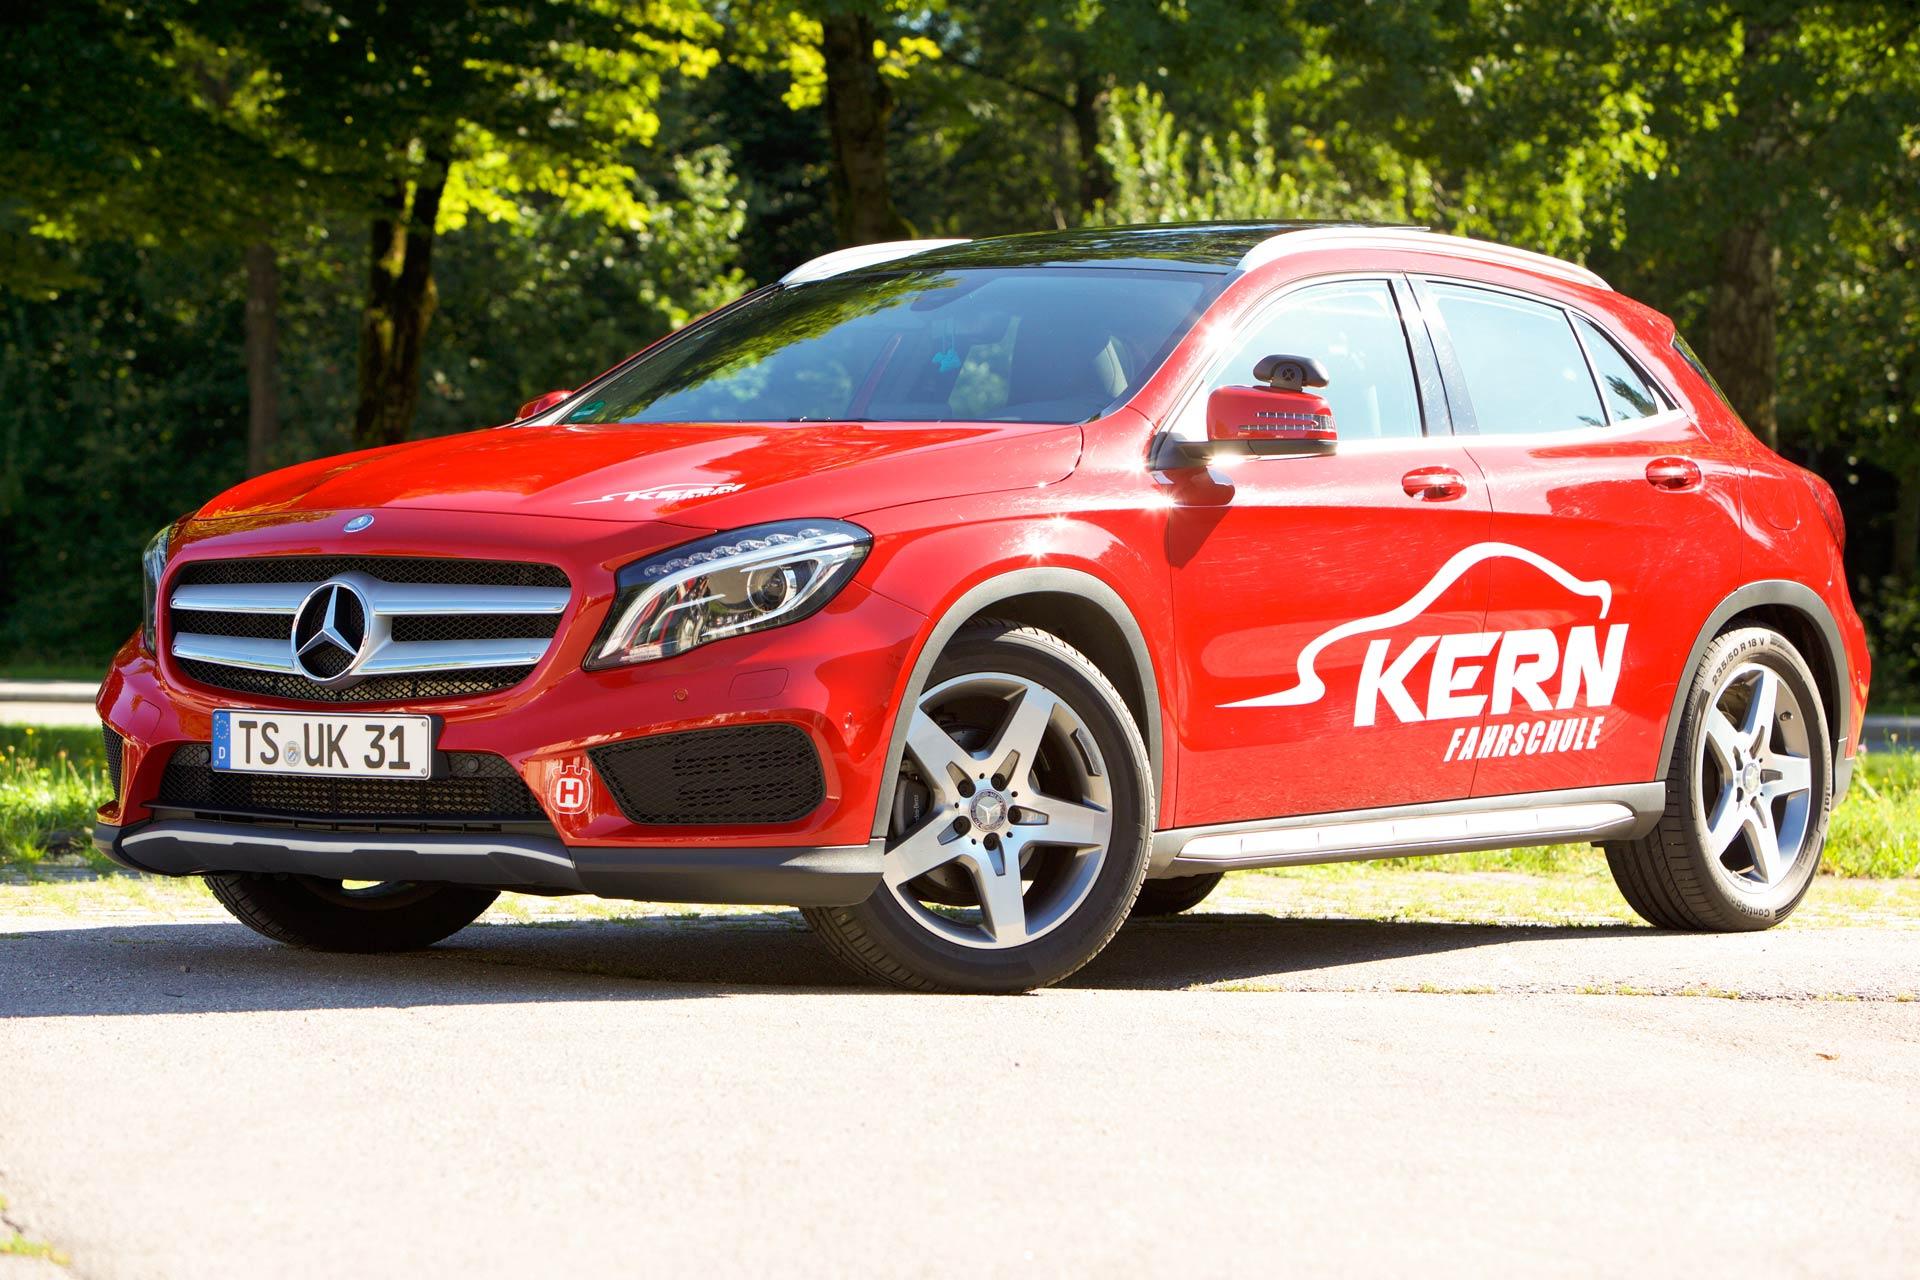 Mercedes Benz GLA für Klasse B